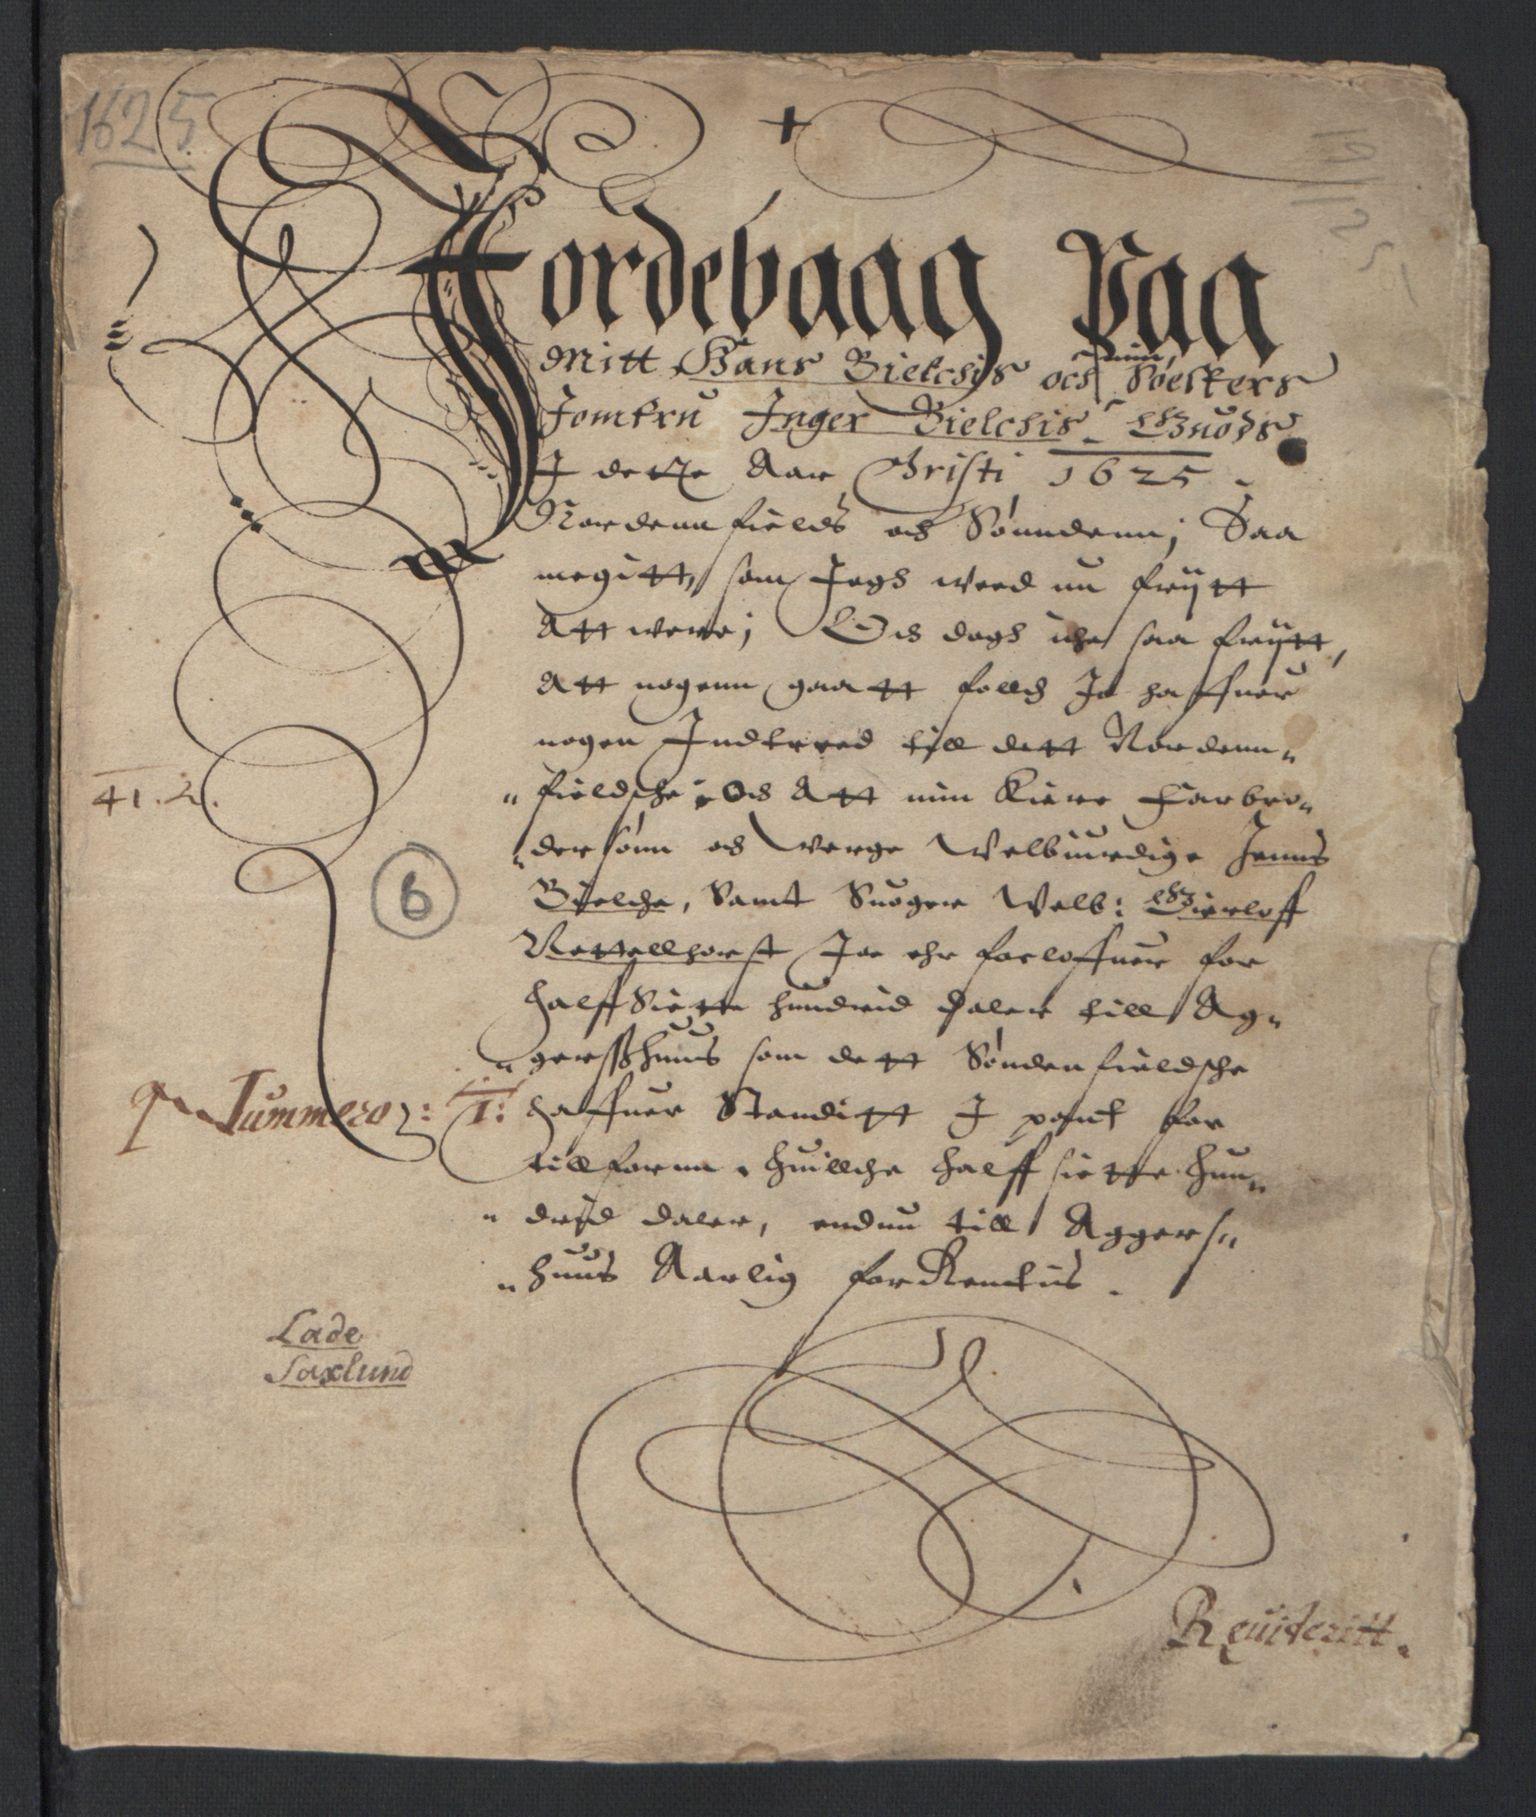 RA, Stattholderembetet 1572-1771, Ek/L0007: Jordebøker til utlikning av rosstjeneste 1624-1626:, 1624-1625, s. 48